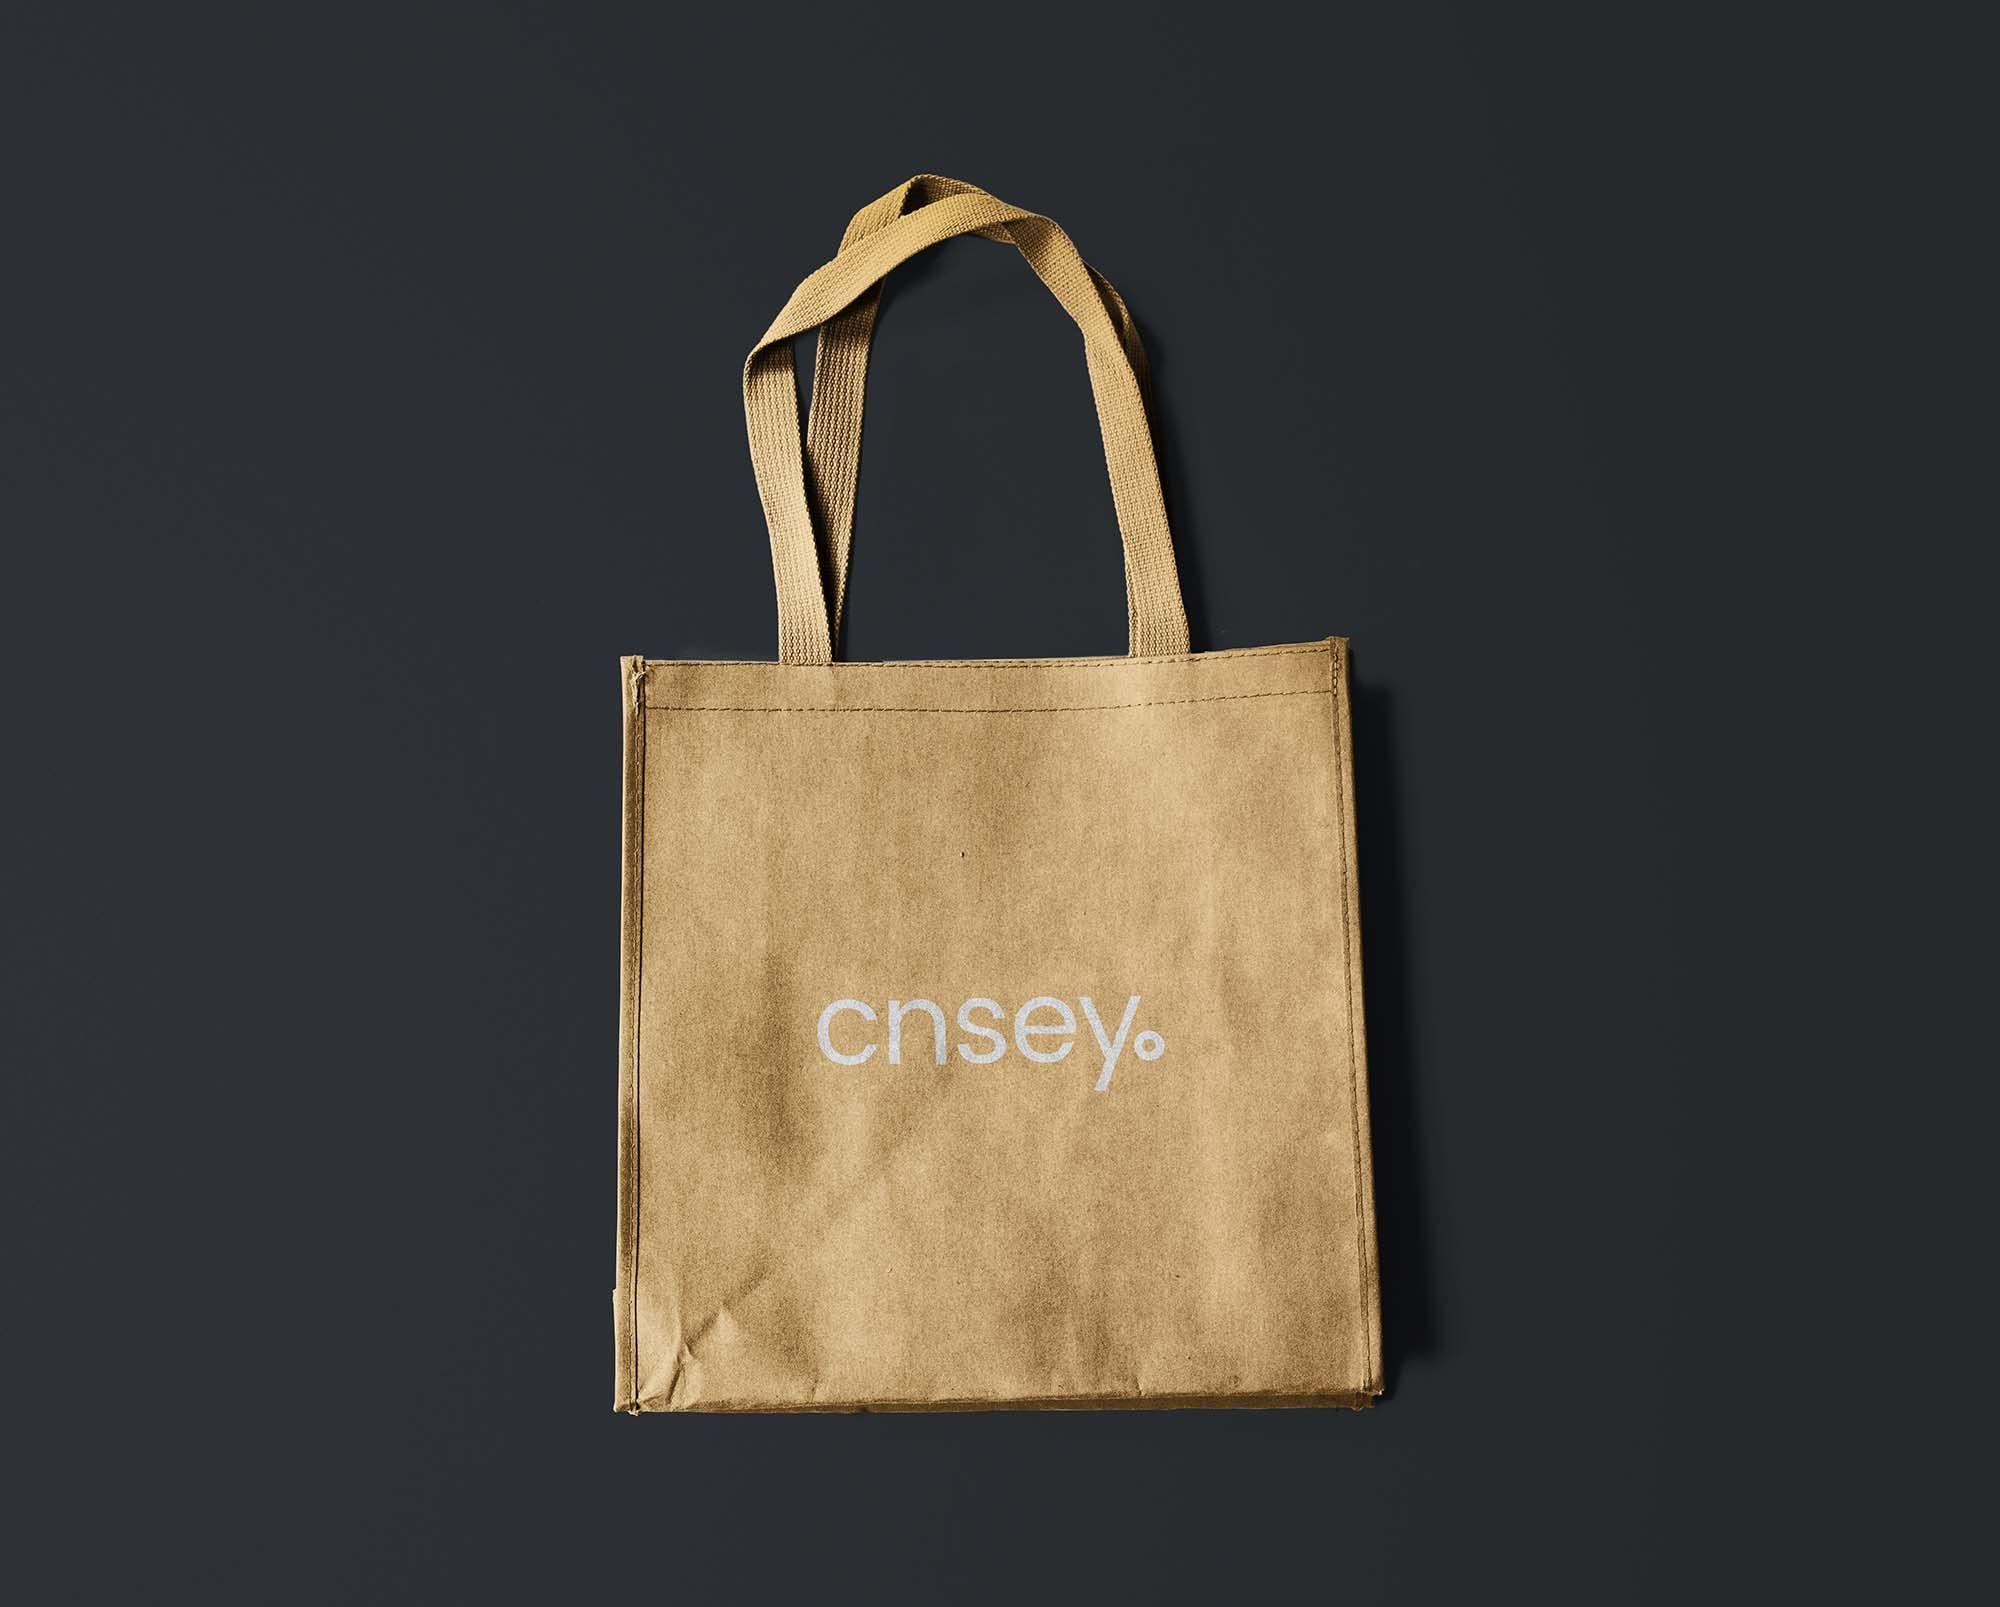 Download Simple Tote Bag Mockup Psd Bag Mockup Simple Tote Tote Bag